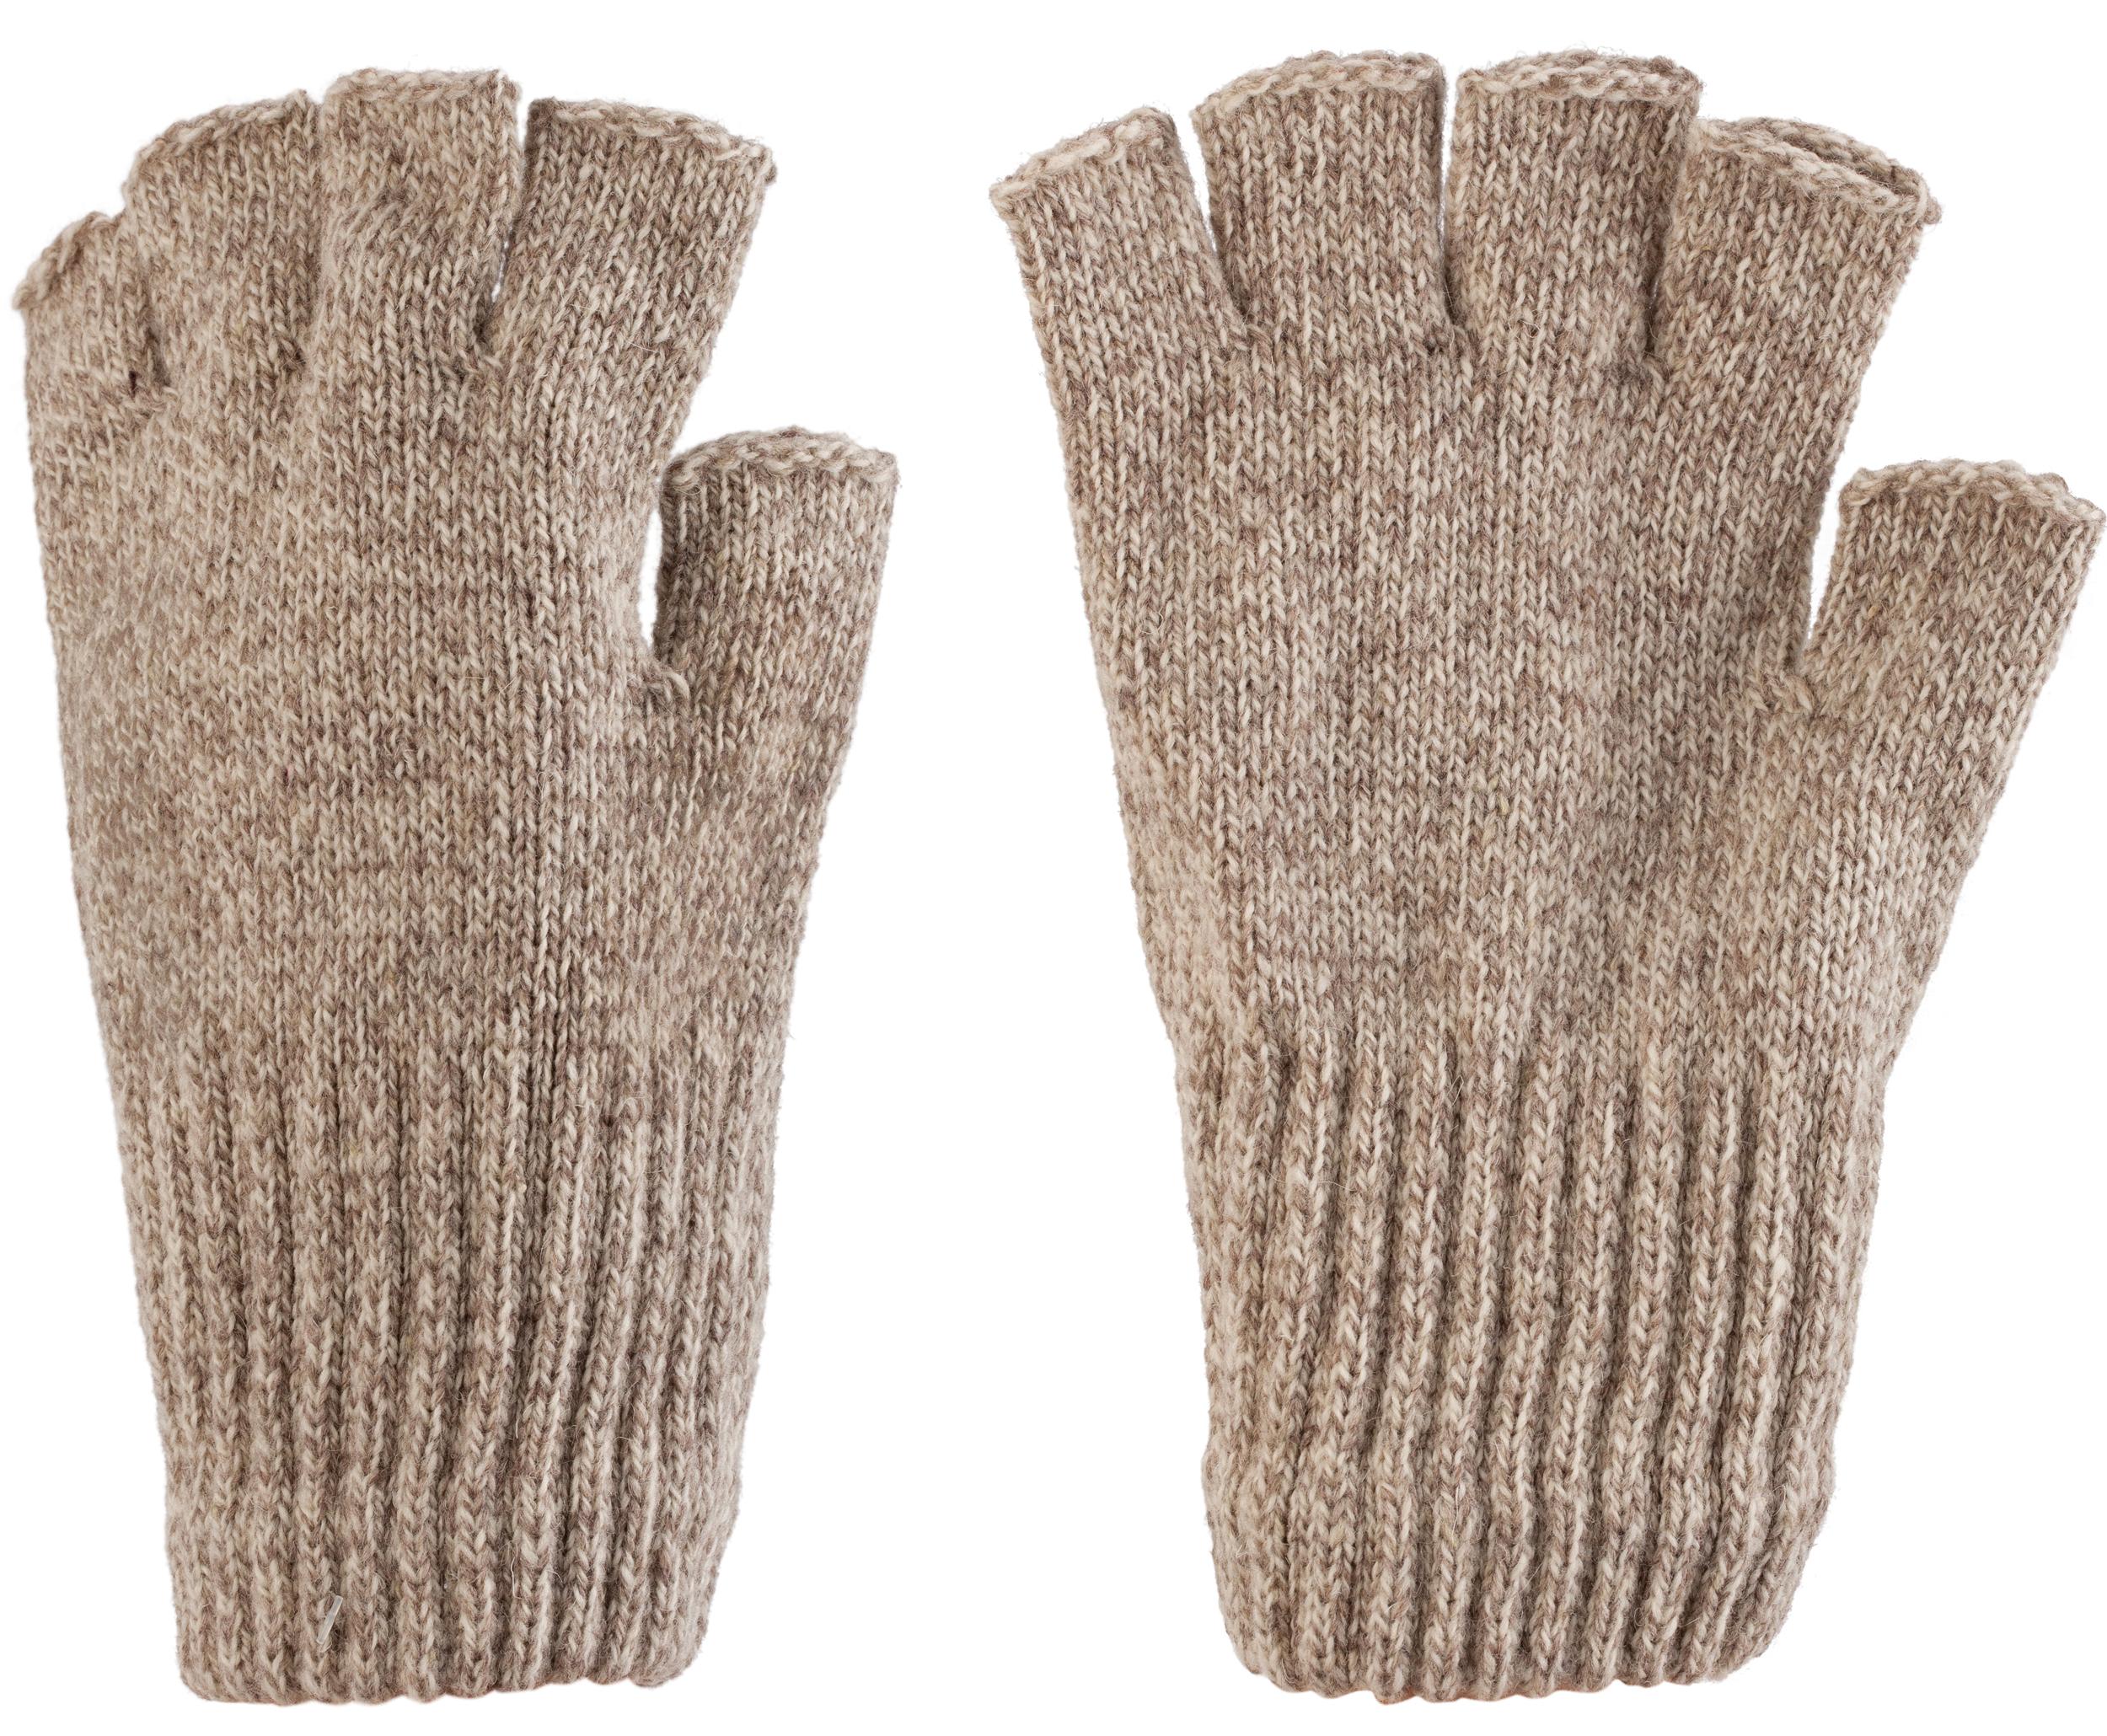 Fingerless gloves edmonton - Fingerless Gloves Edmonton 18